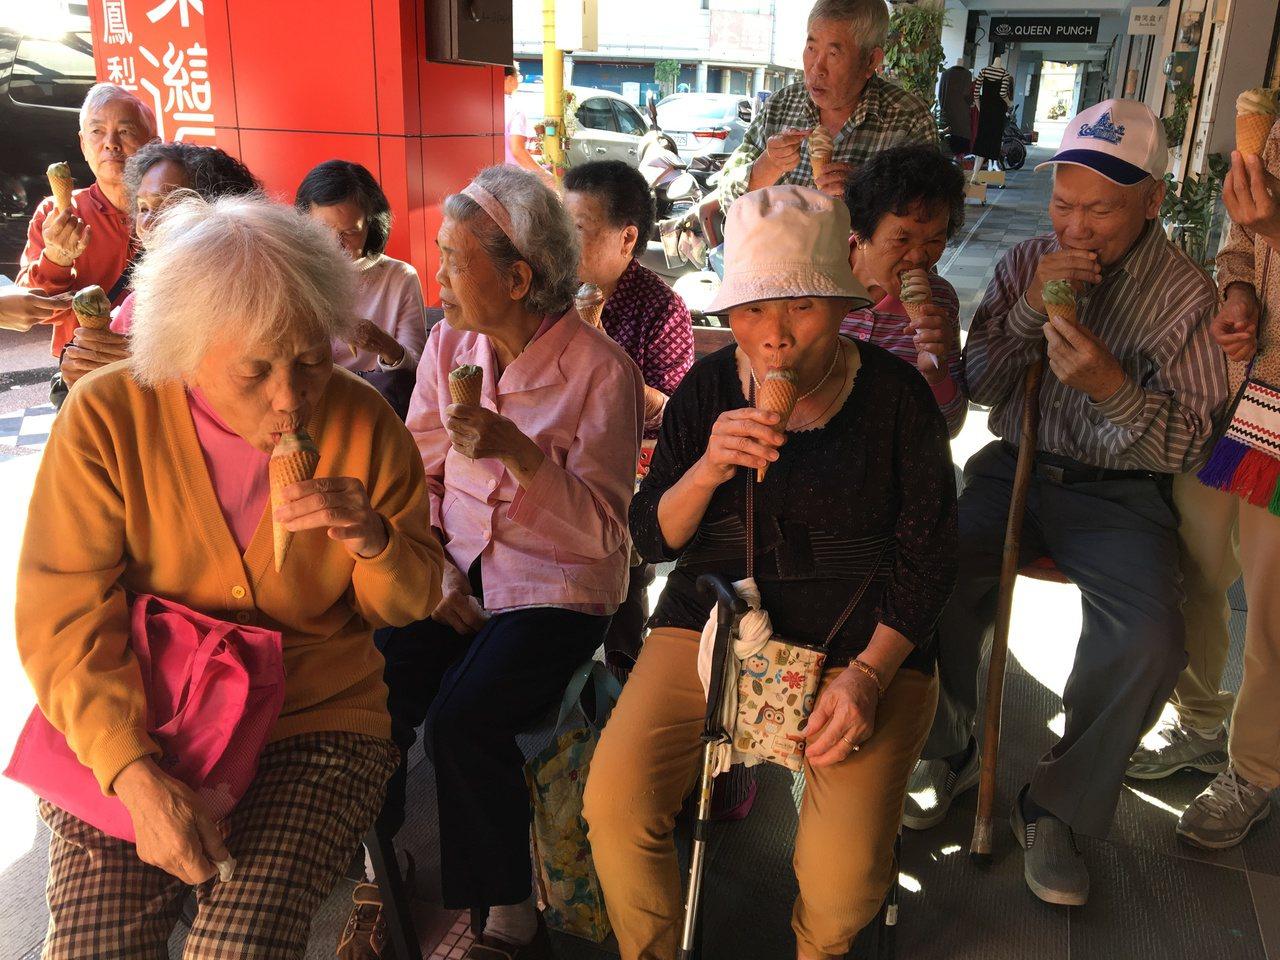 業者招待老人暨家庭關懷協會的長者們吃霜淇淋。記者徐庭揚/攝影